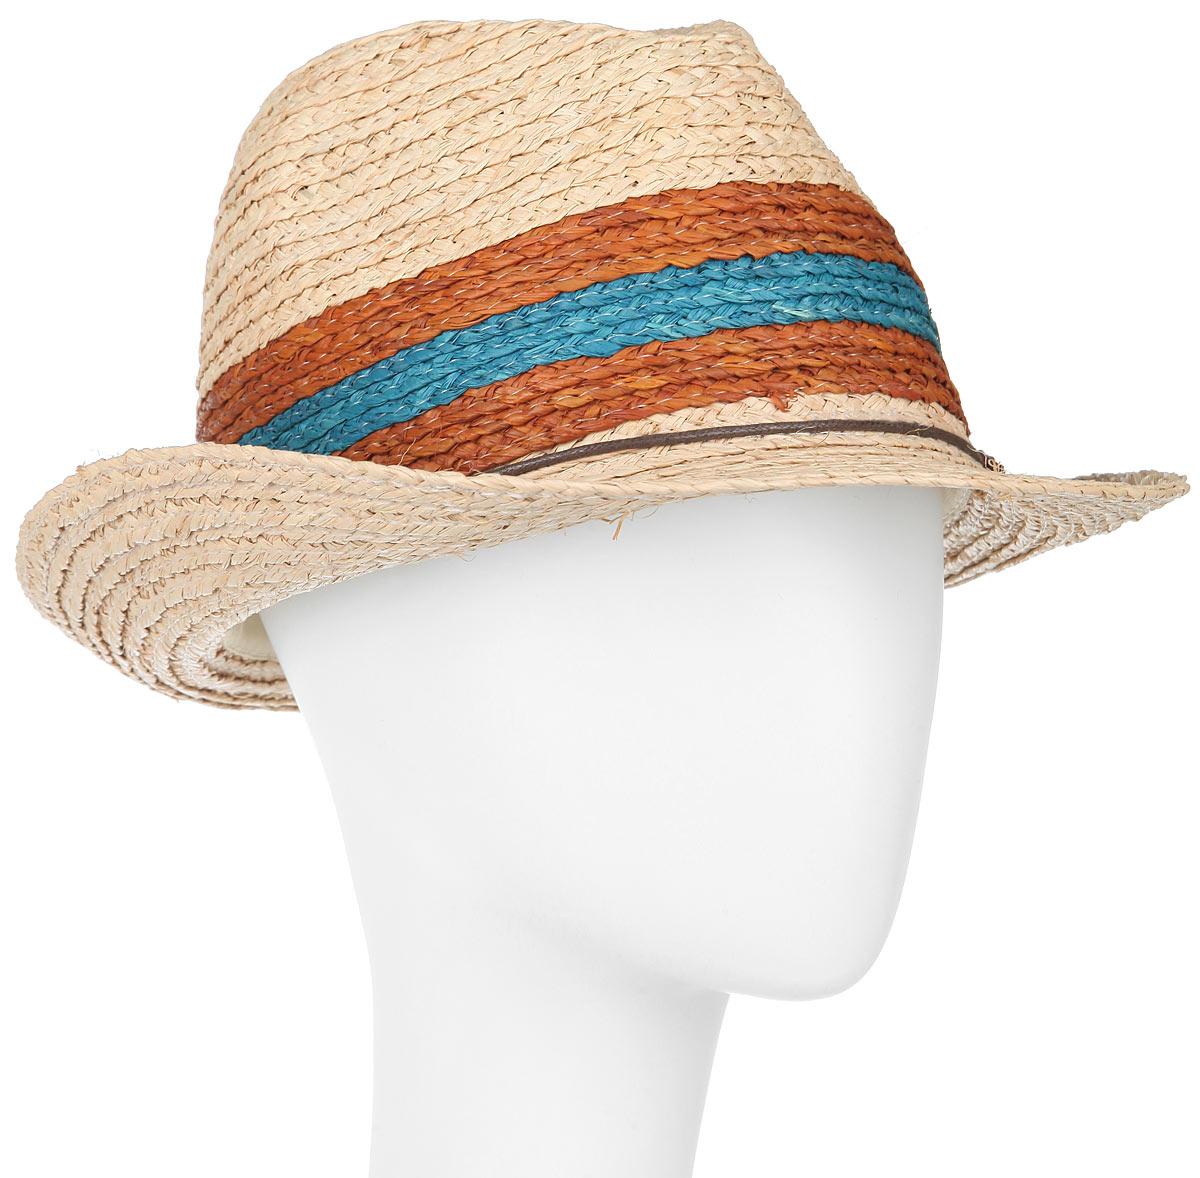 Шляпа1966020Классическая шляпа Canoe Bahamas непременно украсит любой наряд. Шляпа из натуральной соломы оформлена тонким переплетенным ремешком вокруг тульи. Благодаря своей форме, шляпа удобно садится по голове и подойдет к любому стилю. Плетение шляпы позволяет ей пропускать воздух, что обеспечивает необходимую вентиляцию. Такая шляпа подчеркнет вашу неповторимость и дополнит ваш повседневный образ.